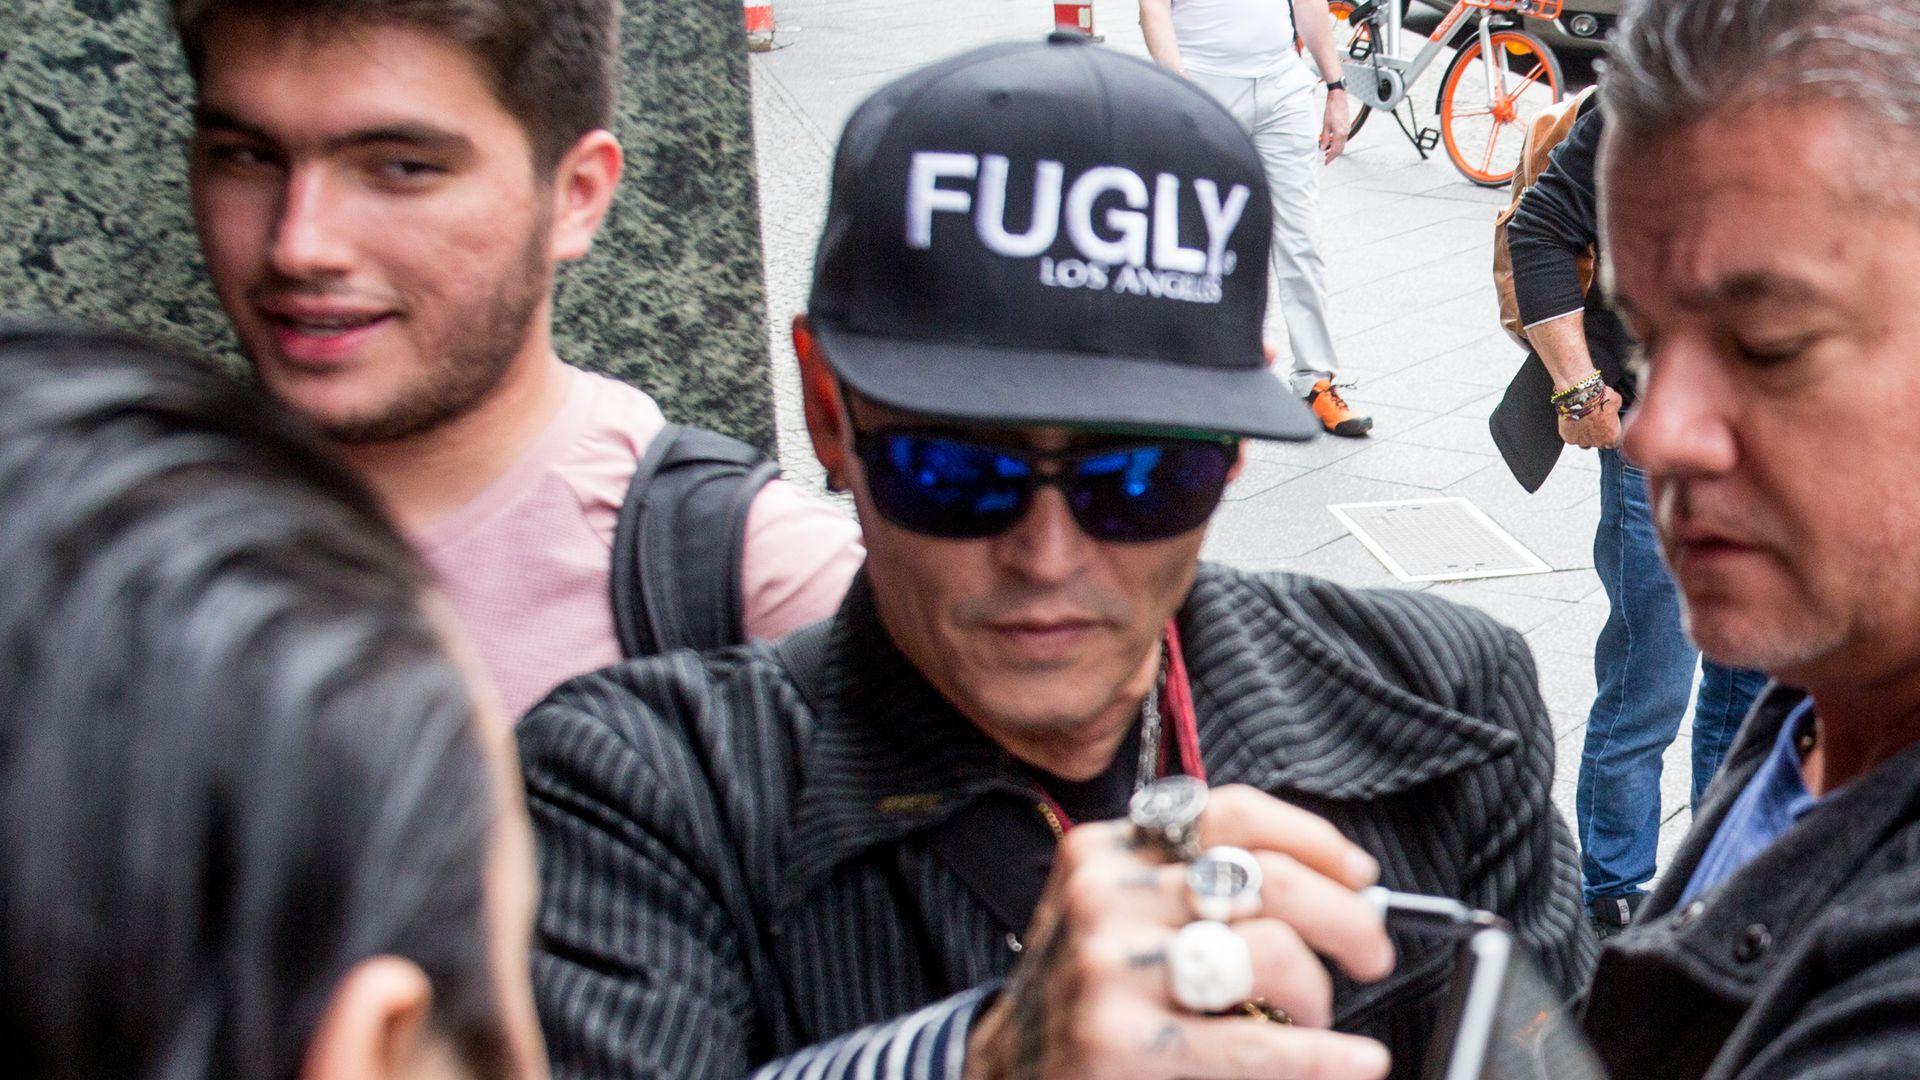 Sorge um Johnny Depp: Gewichtsverlust wegen Tour-Stress